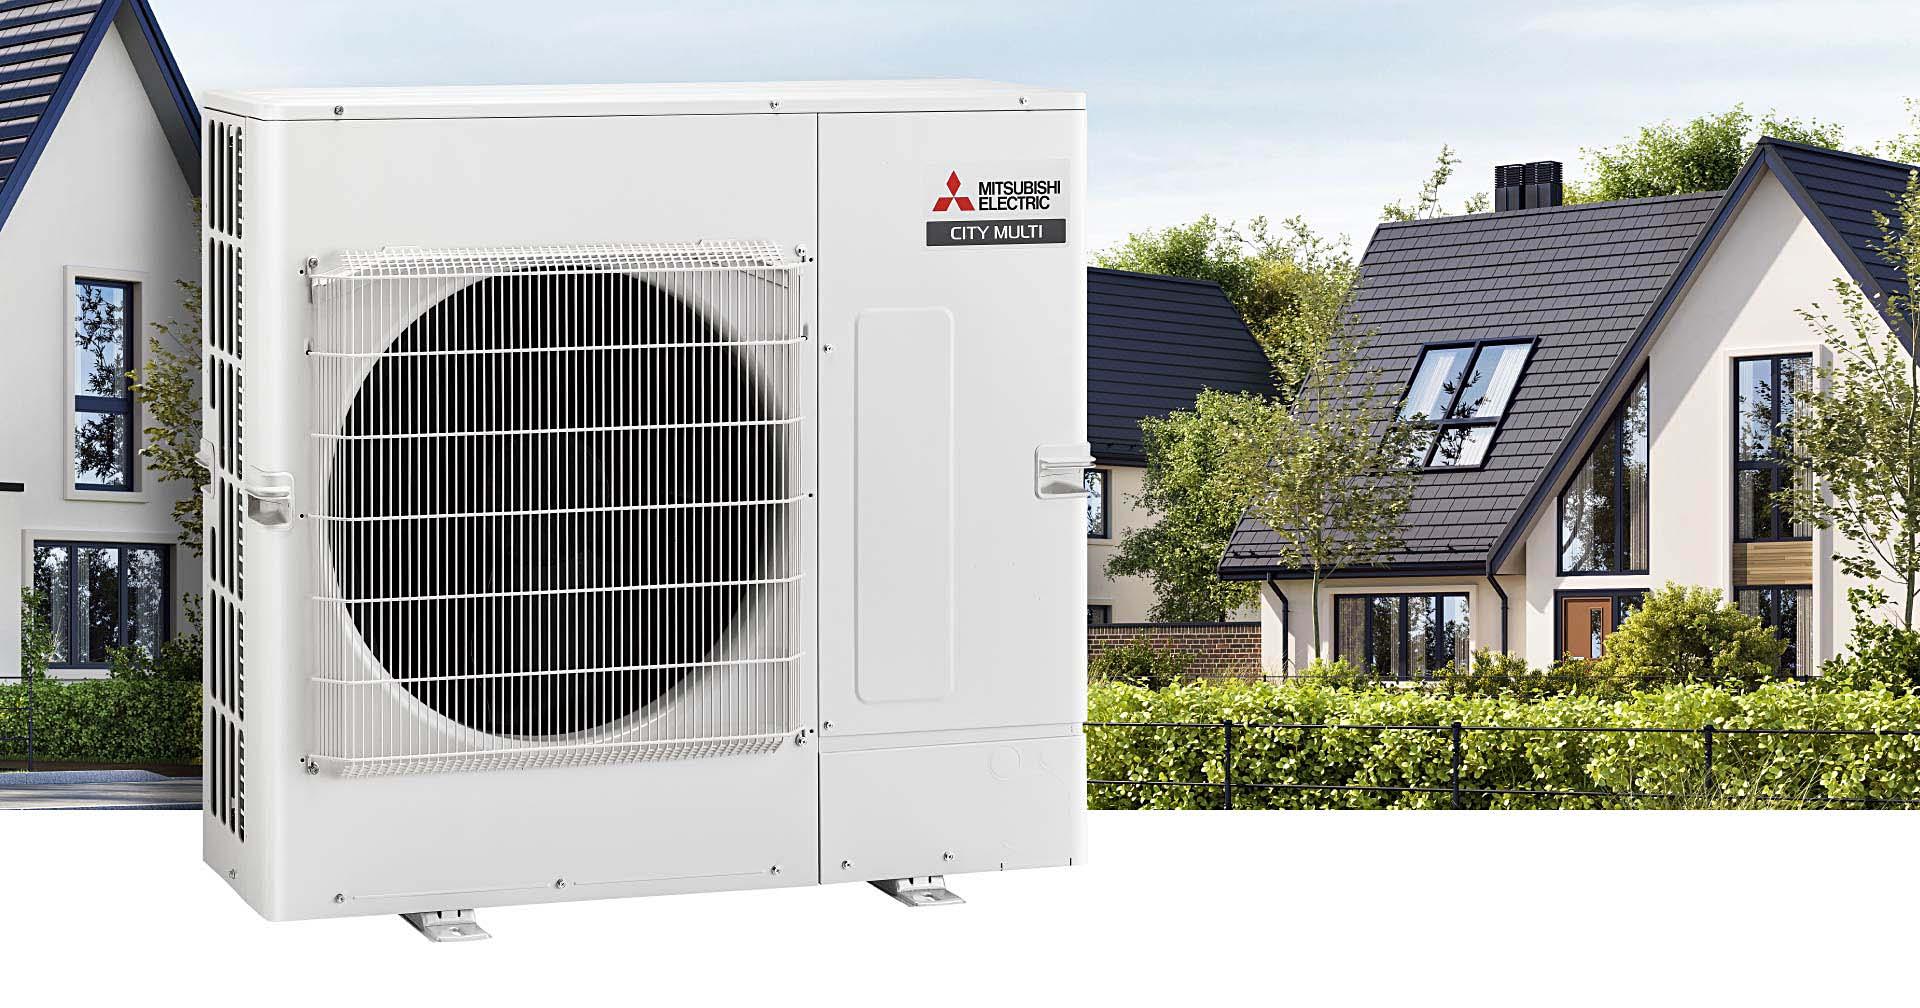 Faites des économies d'énergie en installant une PAC à Saint-Jean-de-Maurienne